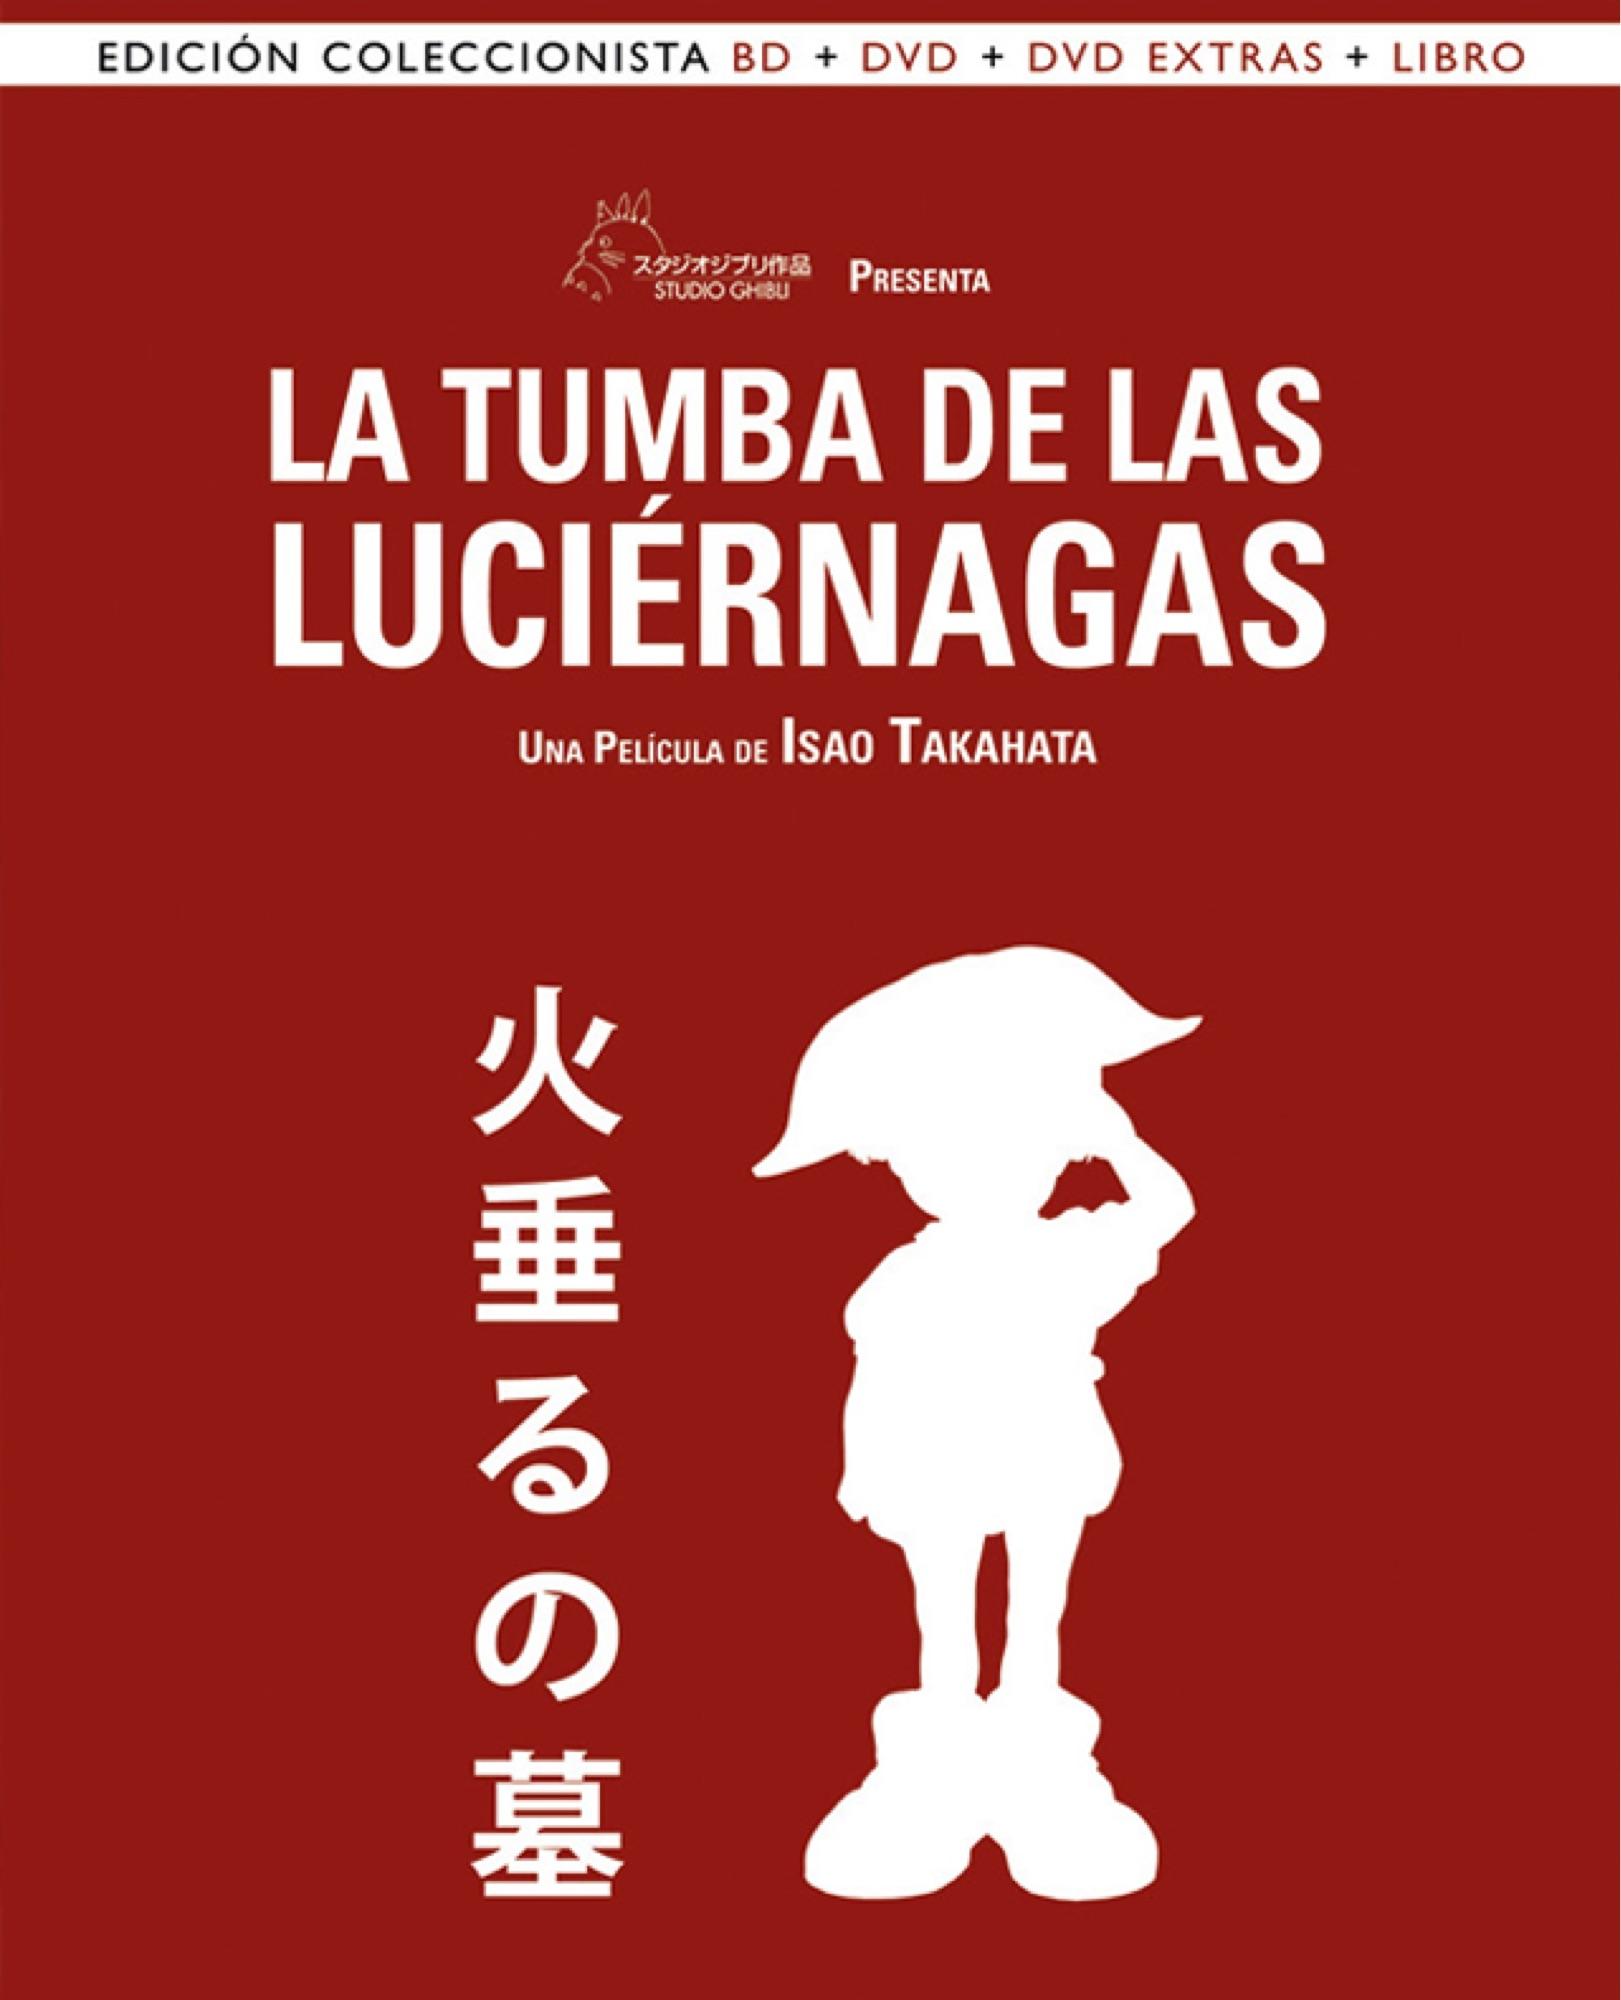 LA TUMBA DE LAS LUCIERNAGAS BD. EDICION COLECCIONISTA 25 ANIVERSARIO